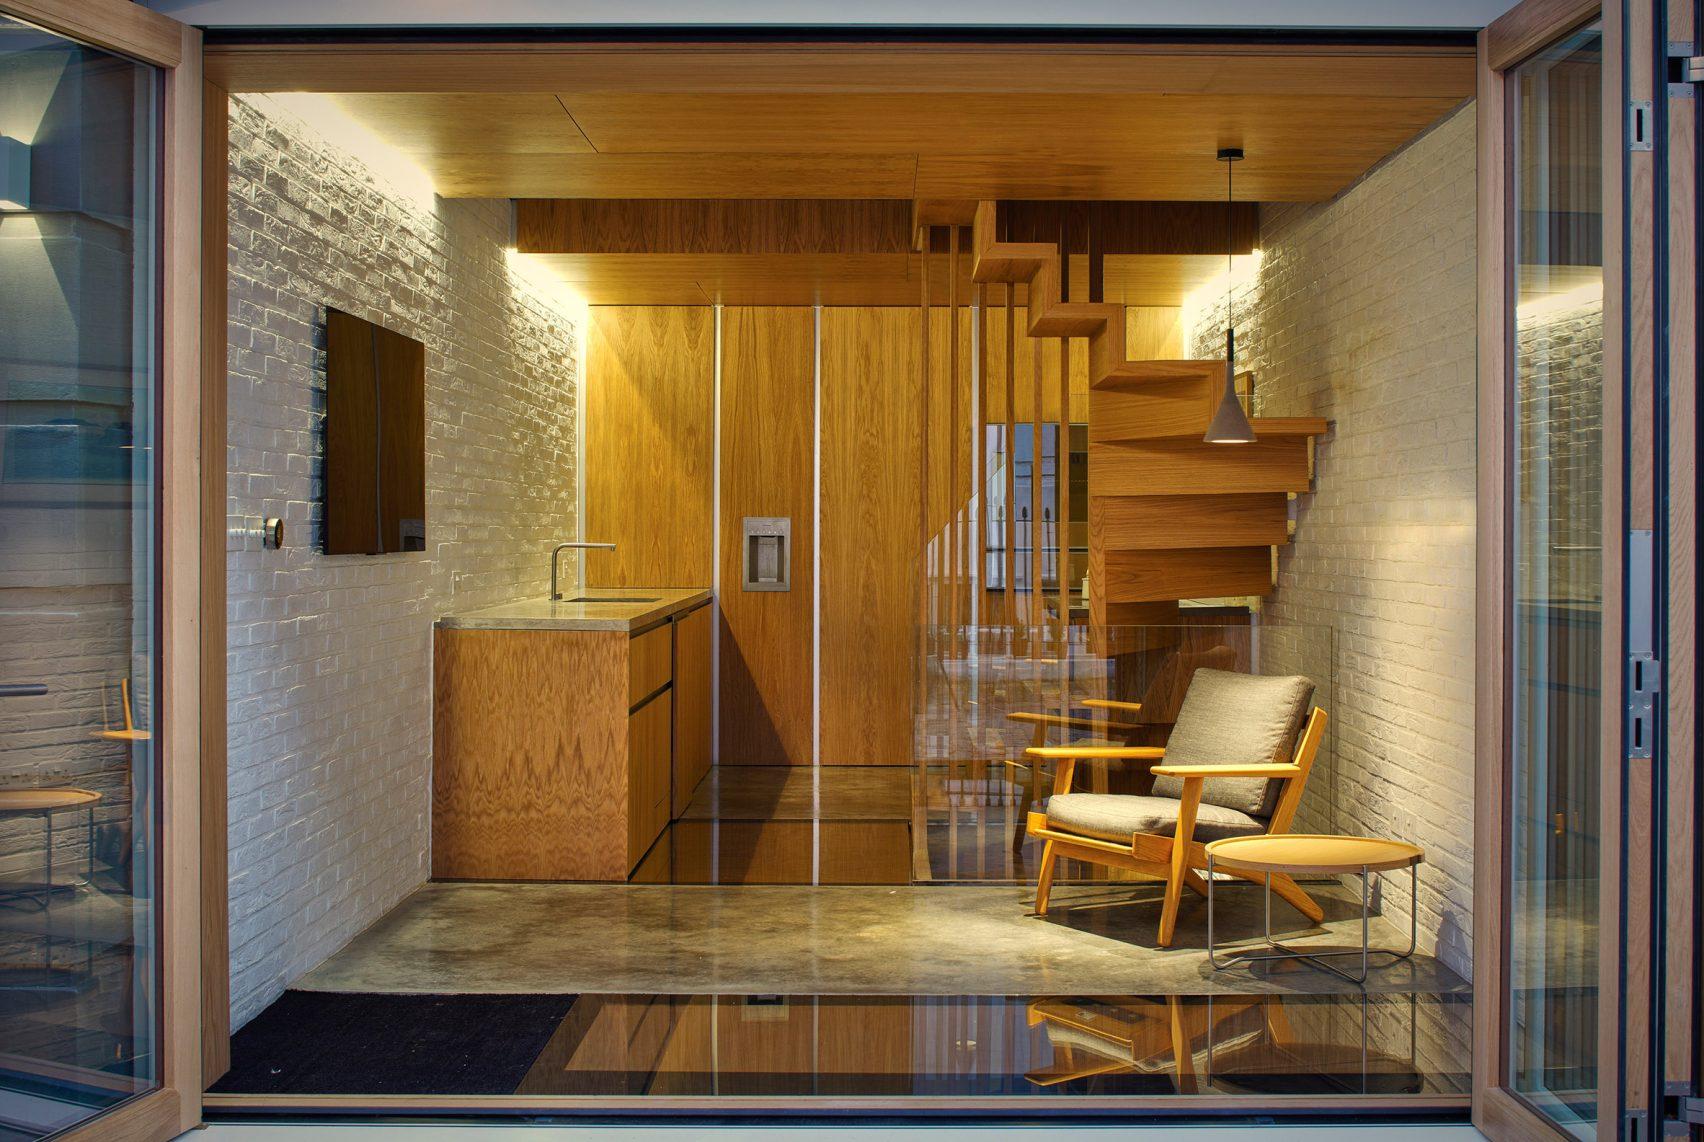 Thiết kế nhà gỗ hiện đại